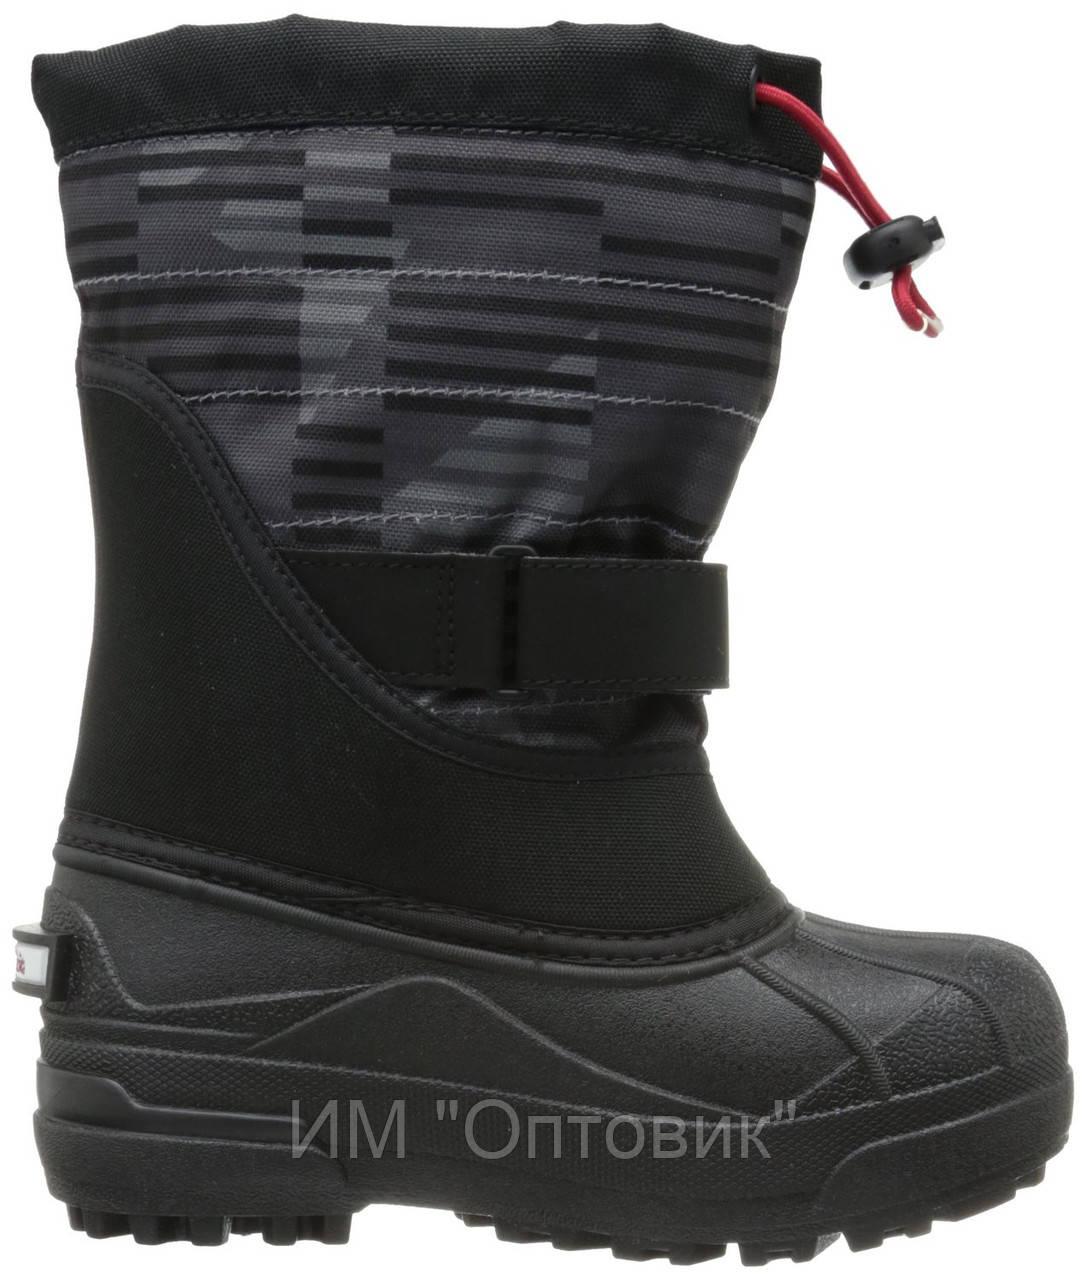 Зимние ботинки детские спб